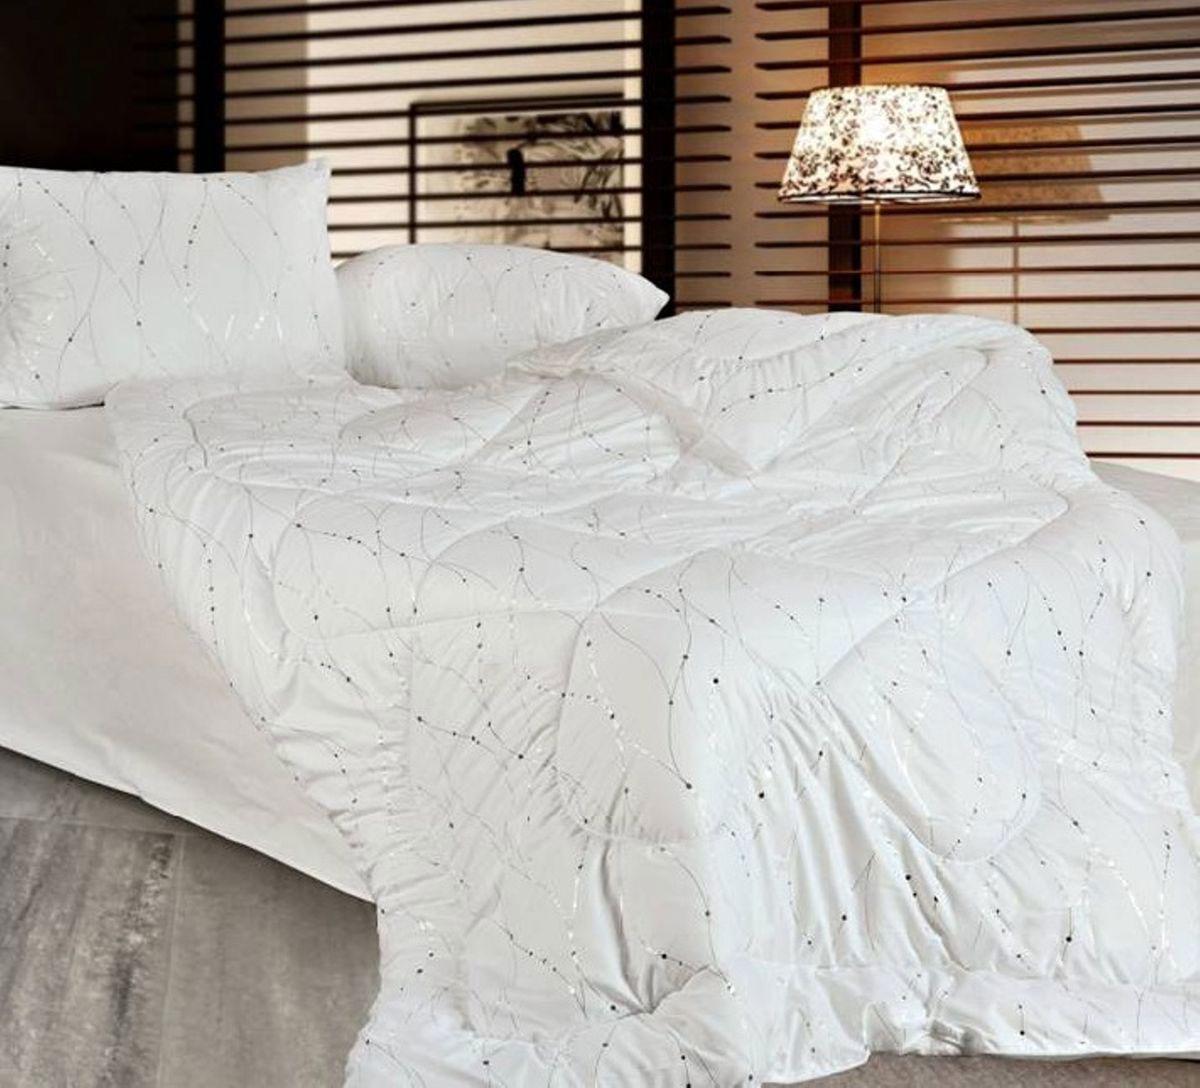 Одеяло Home & Style, наполнитель: соевое волокно, цвет: белый, 172 х 205 см531-401Классическое одеяло с экологичным наполнителем и стильным верхом - серебро на белом фоне - простегано - значит, наполнитель внутри будет всегда распределен равномерно. Чехол одеяла Home & Style выполнен из микрофибры. Наполнитель - соевое волокно. Размер: 172 х 205 см.